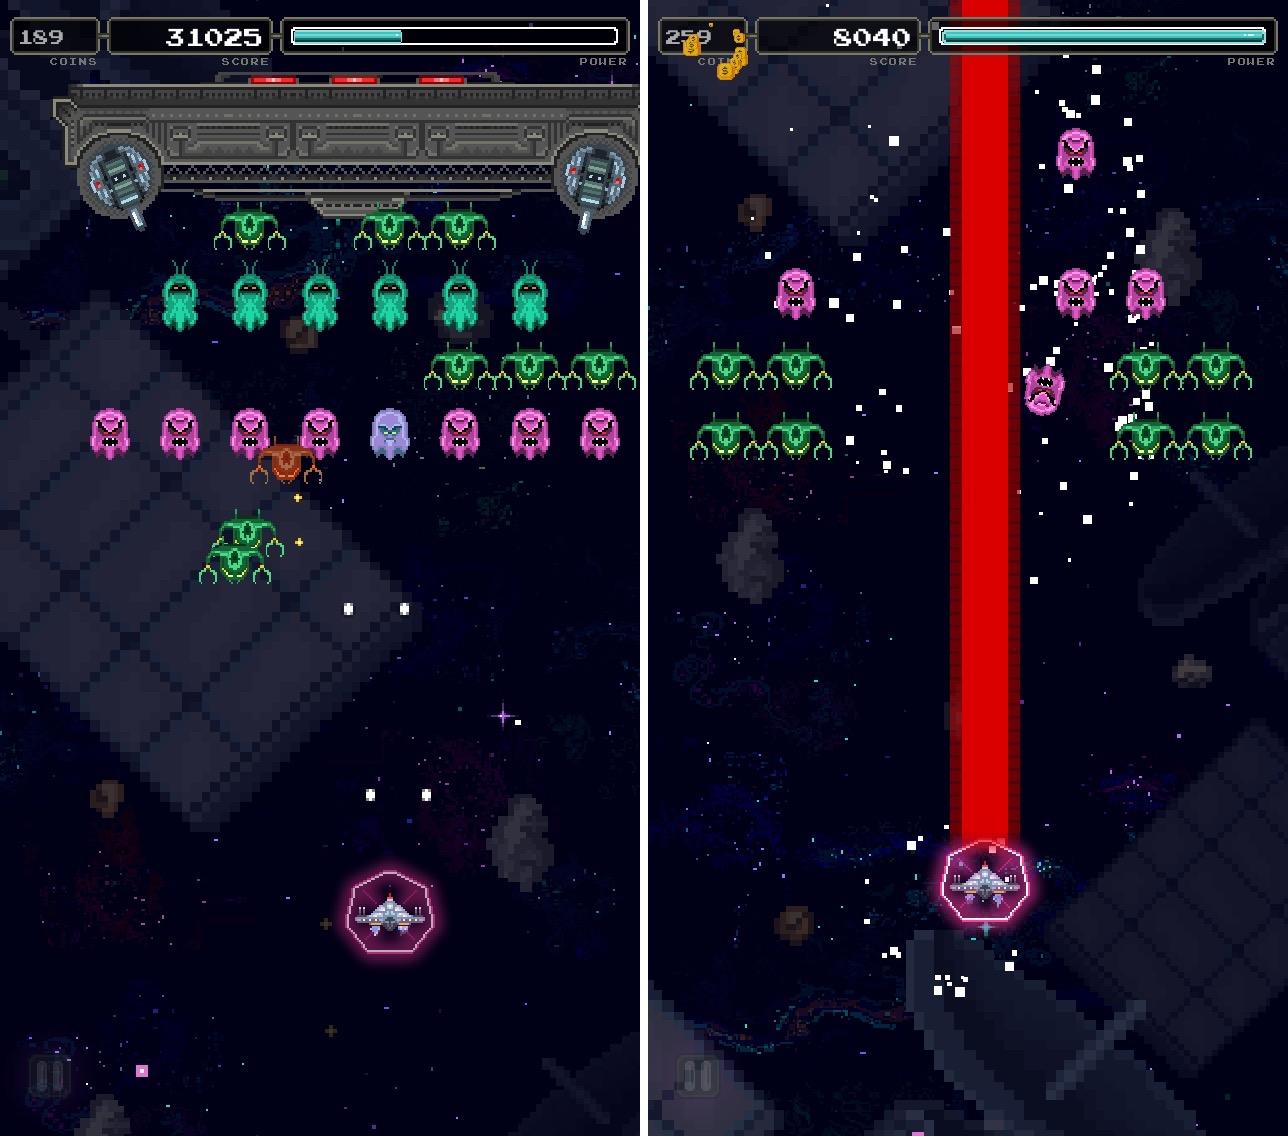 Galactic Nemesis 3